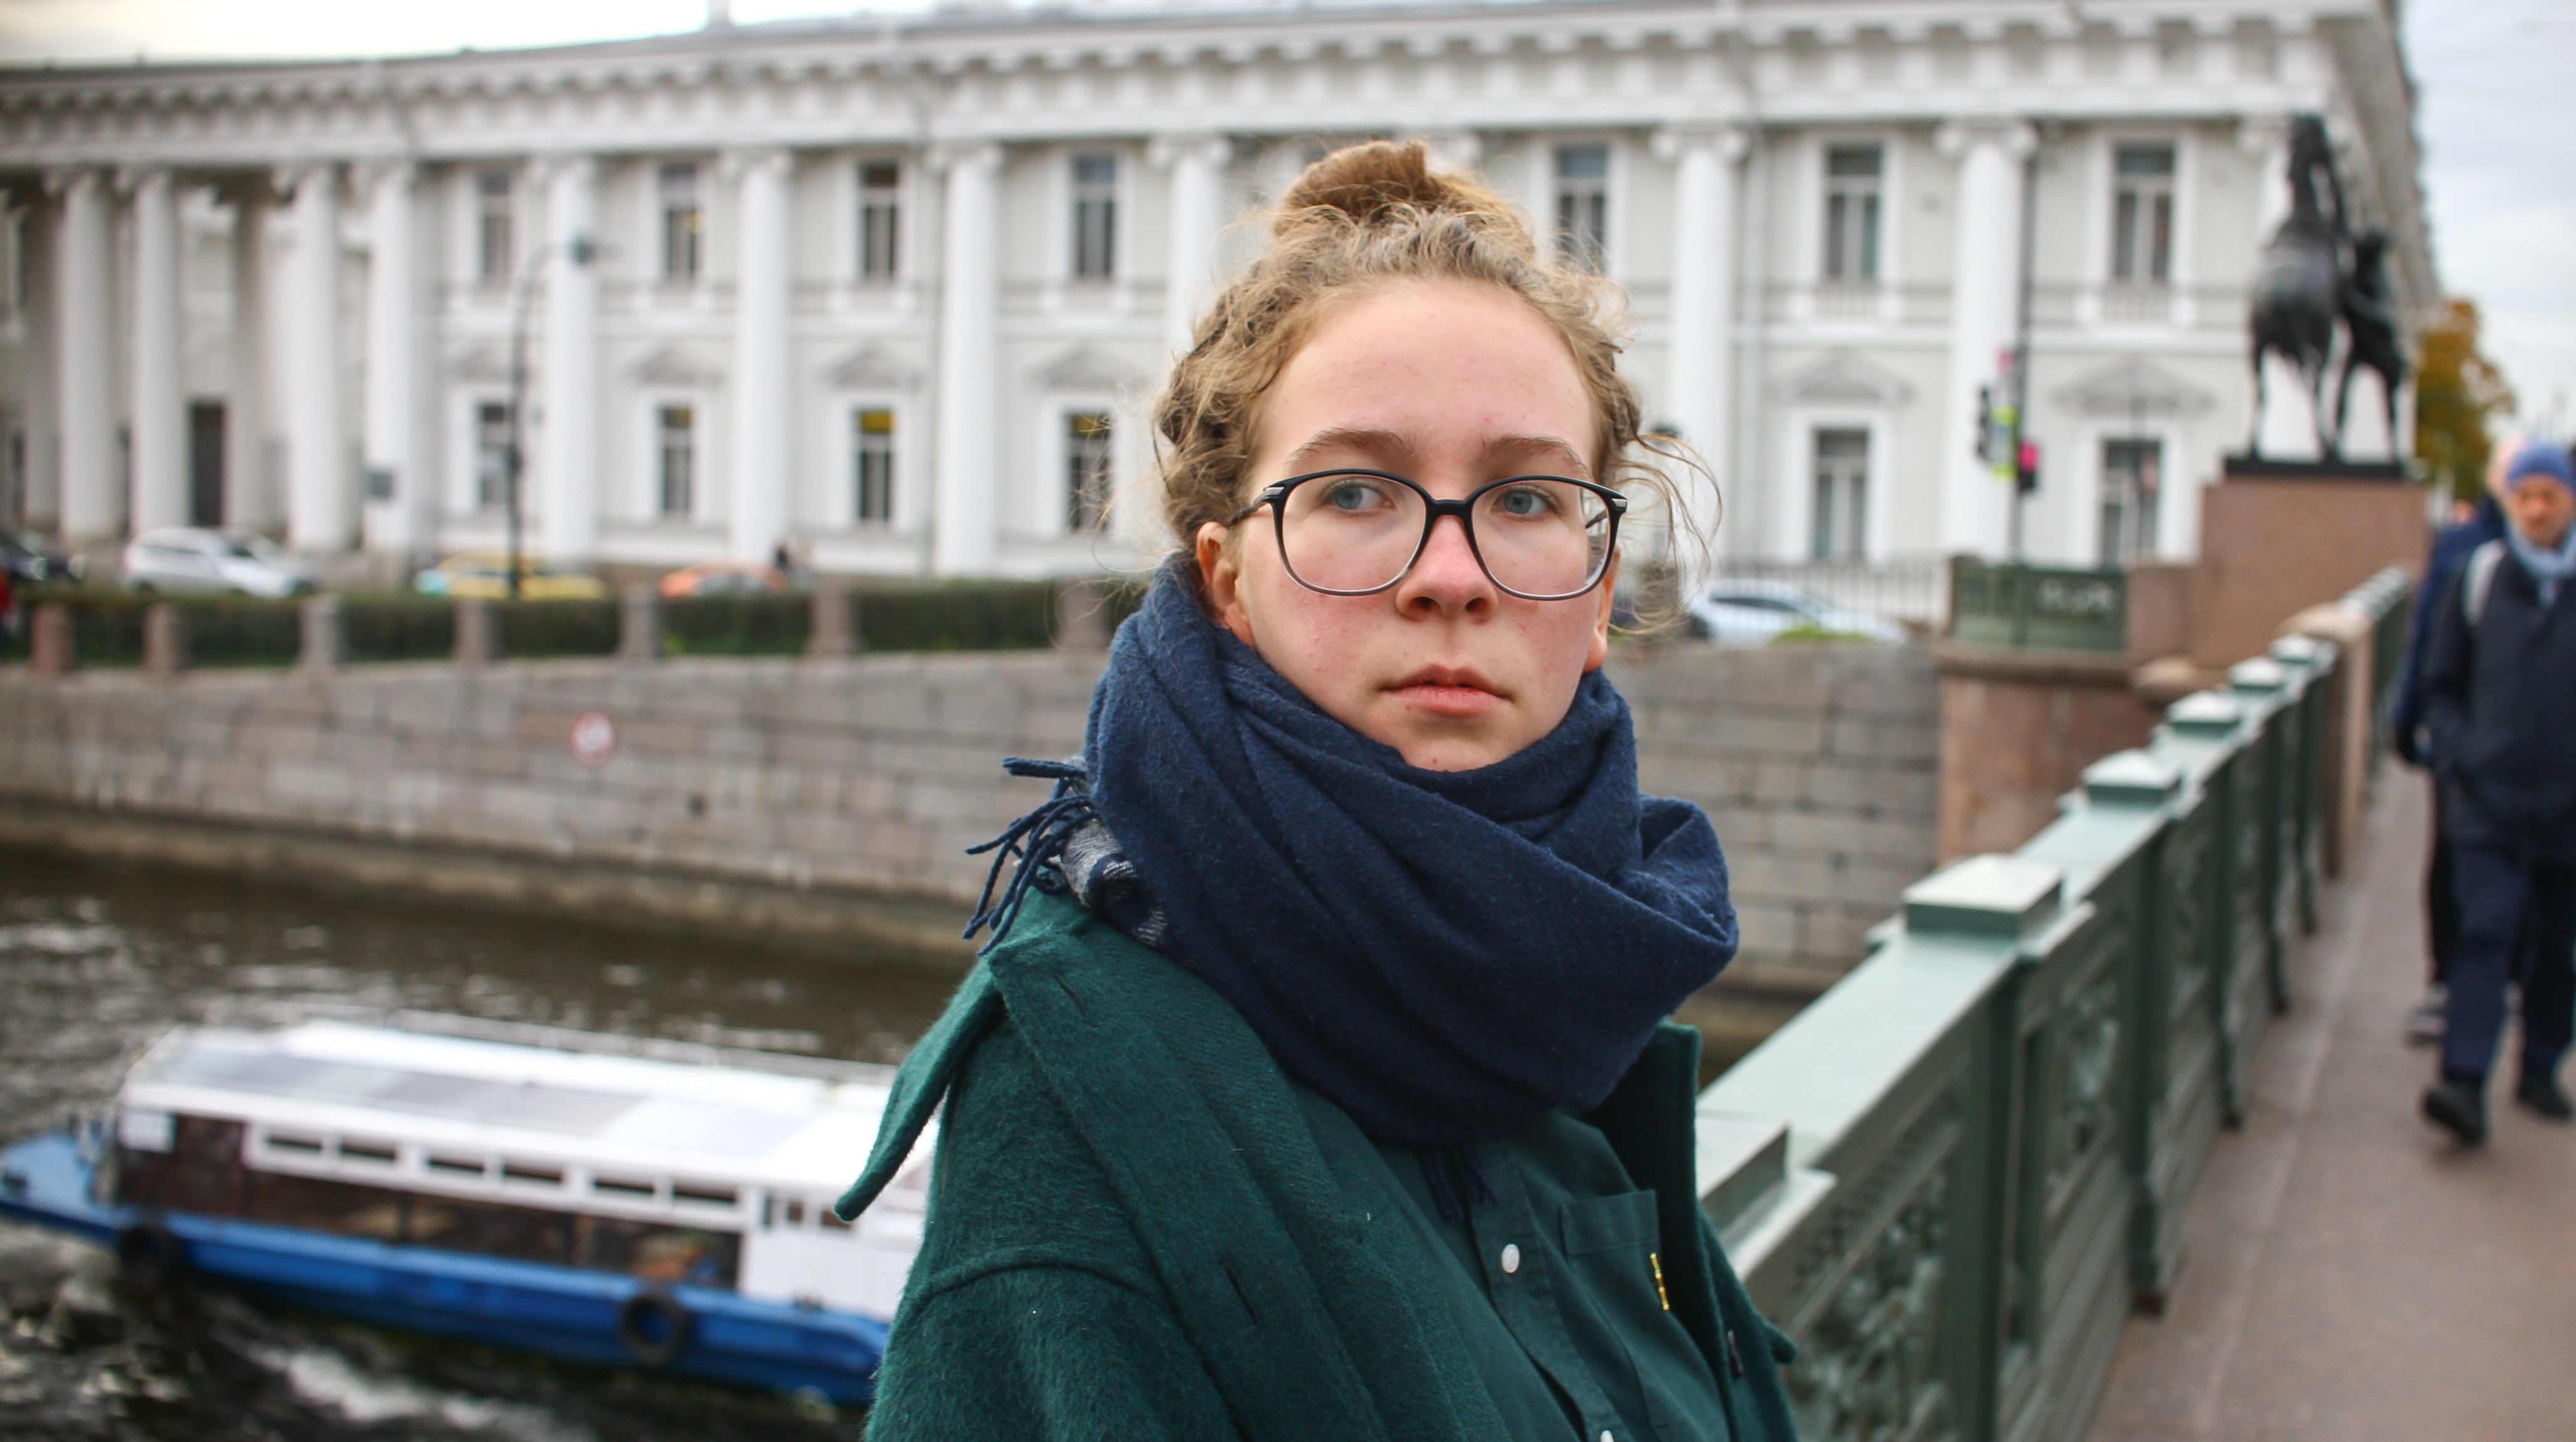 Tasja Kondratjeva nojaa sillankaiteeseen, taustalla turistivene palatsi pylväineen.